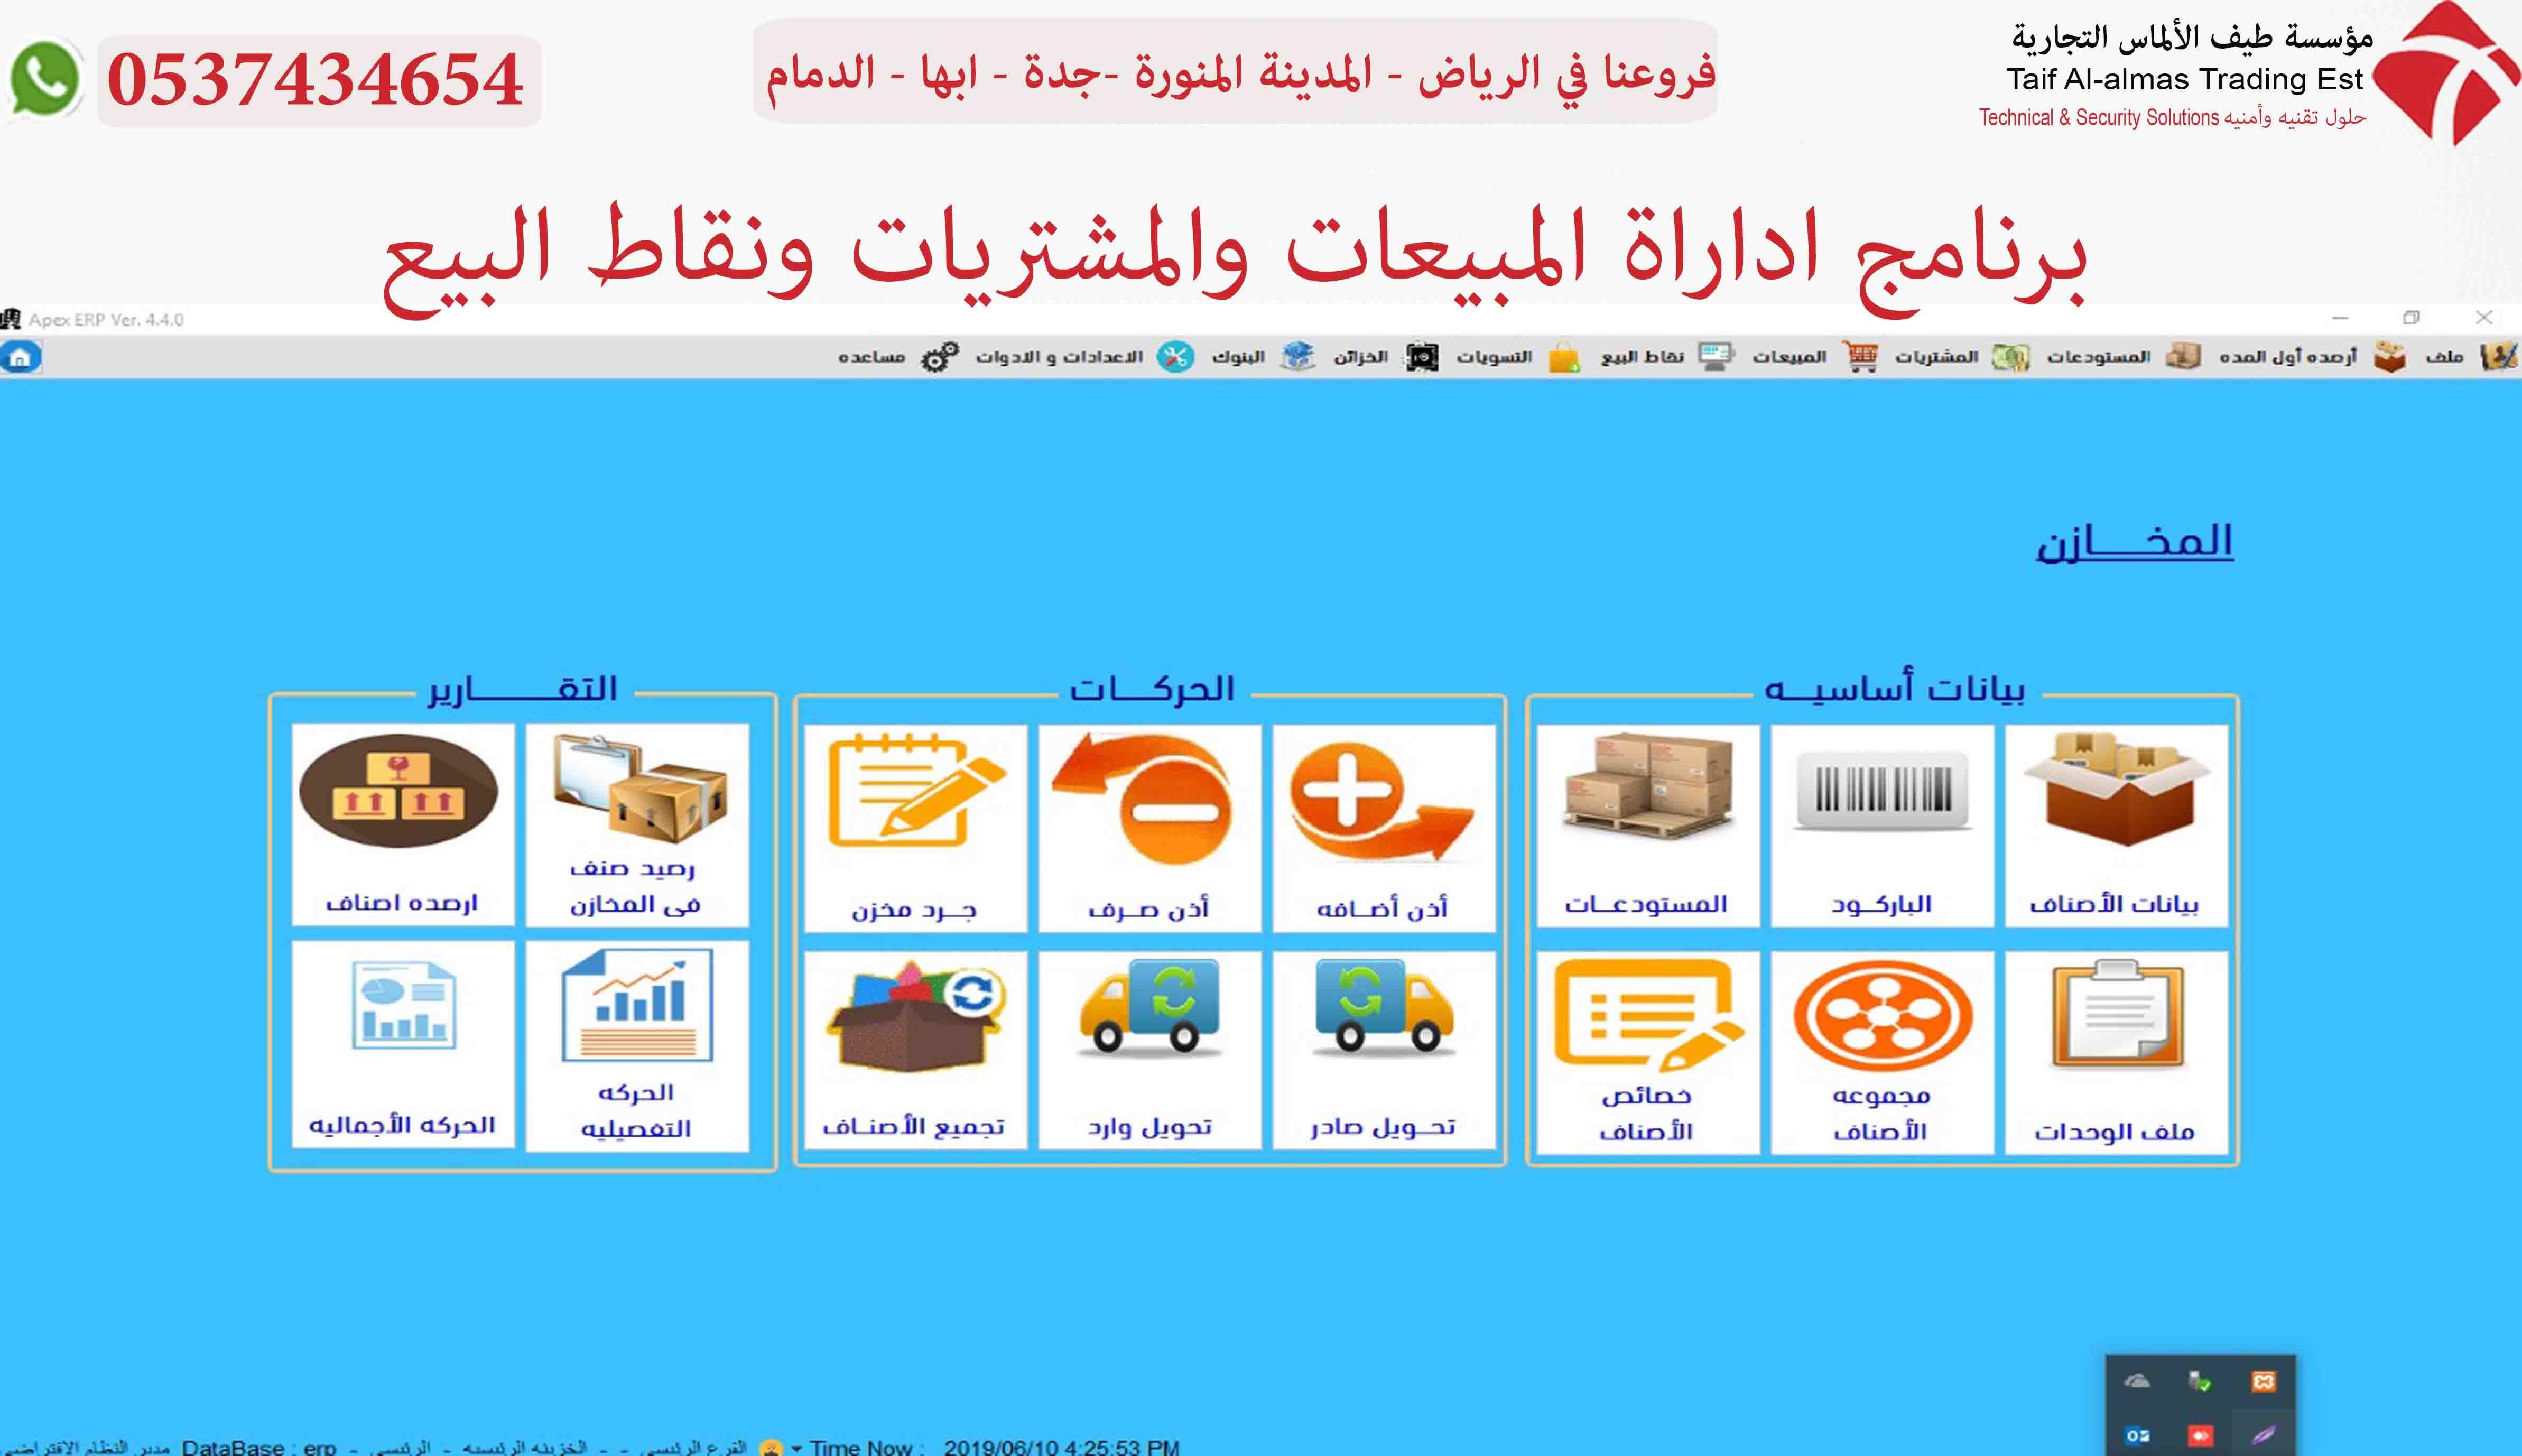 نظام ادارة و برنامج مخازن و مبيعات ونقاط بيع Taif Trading